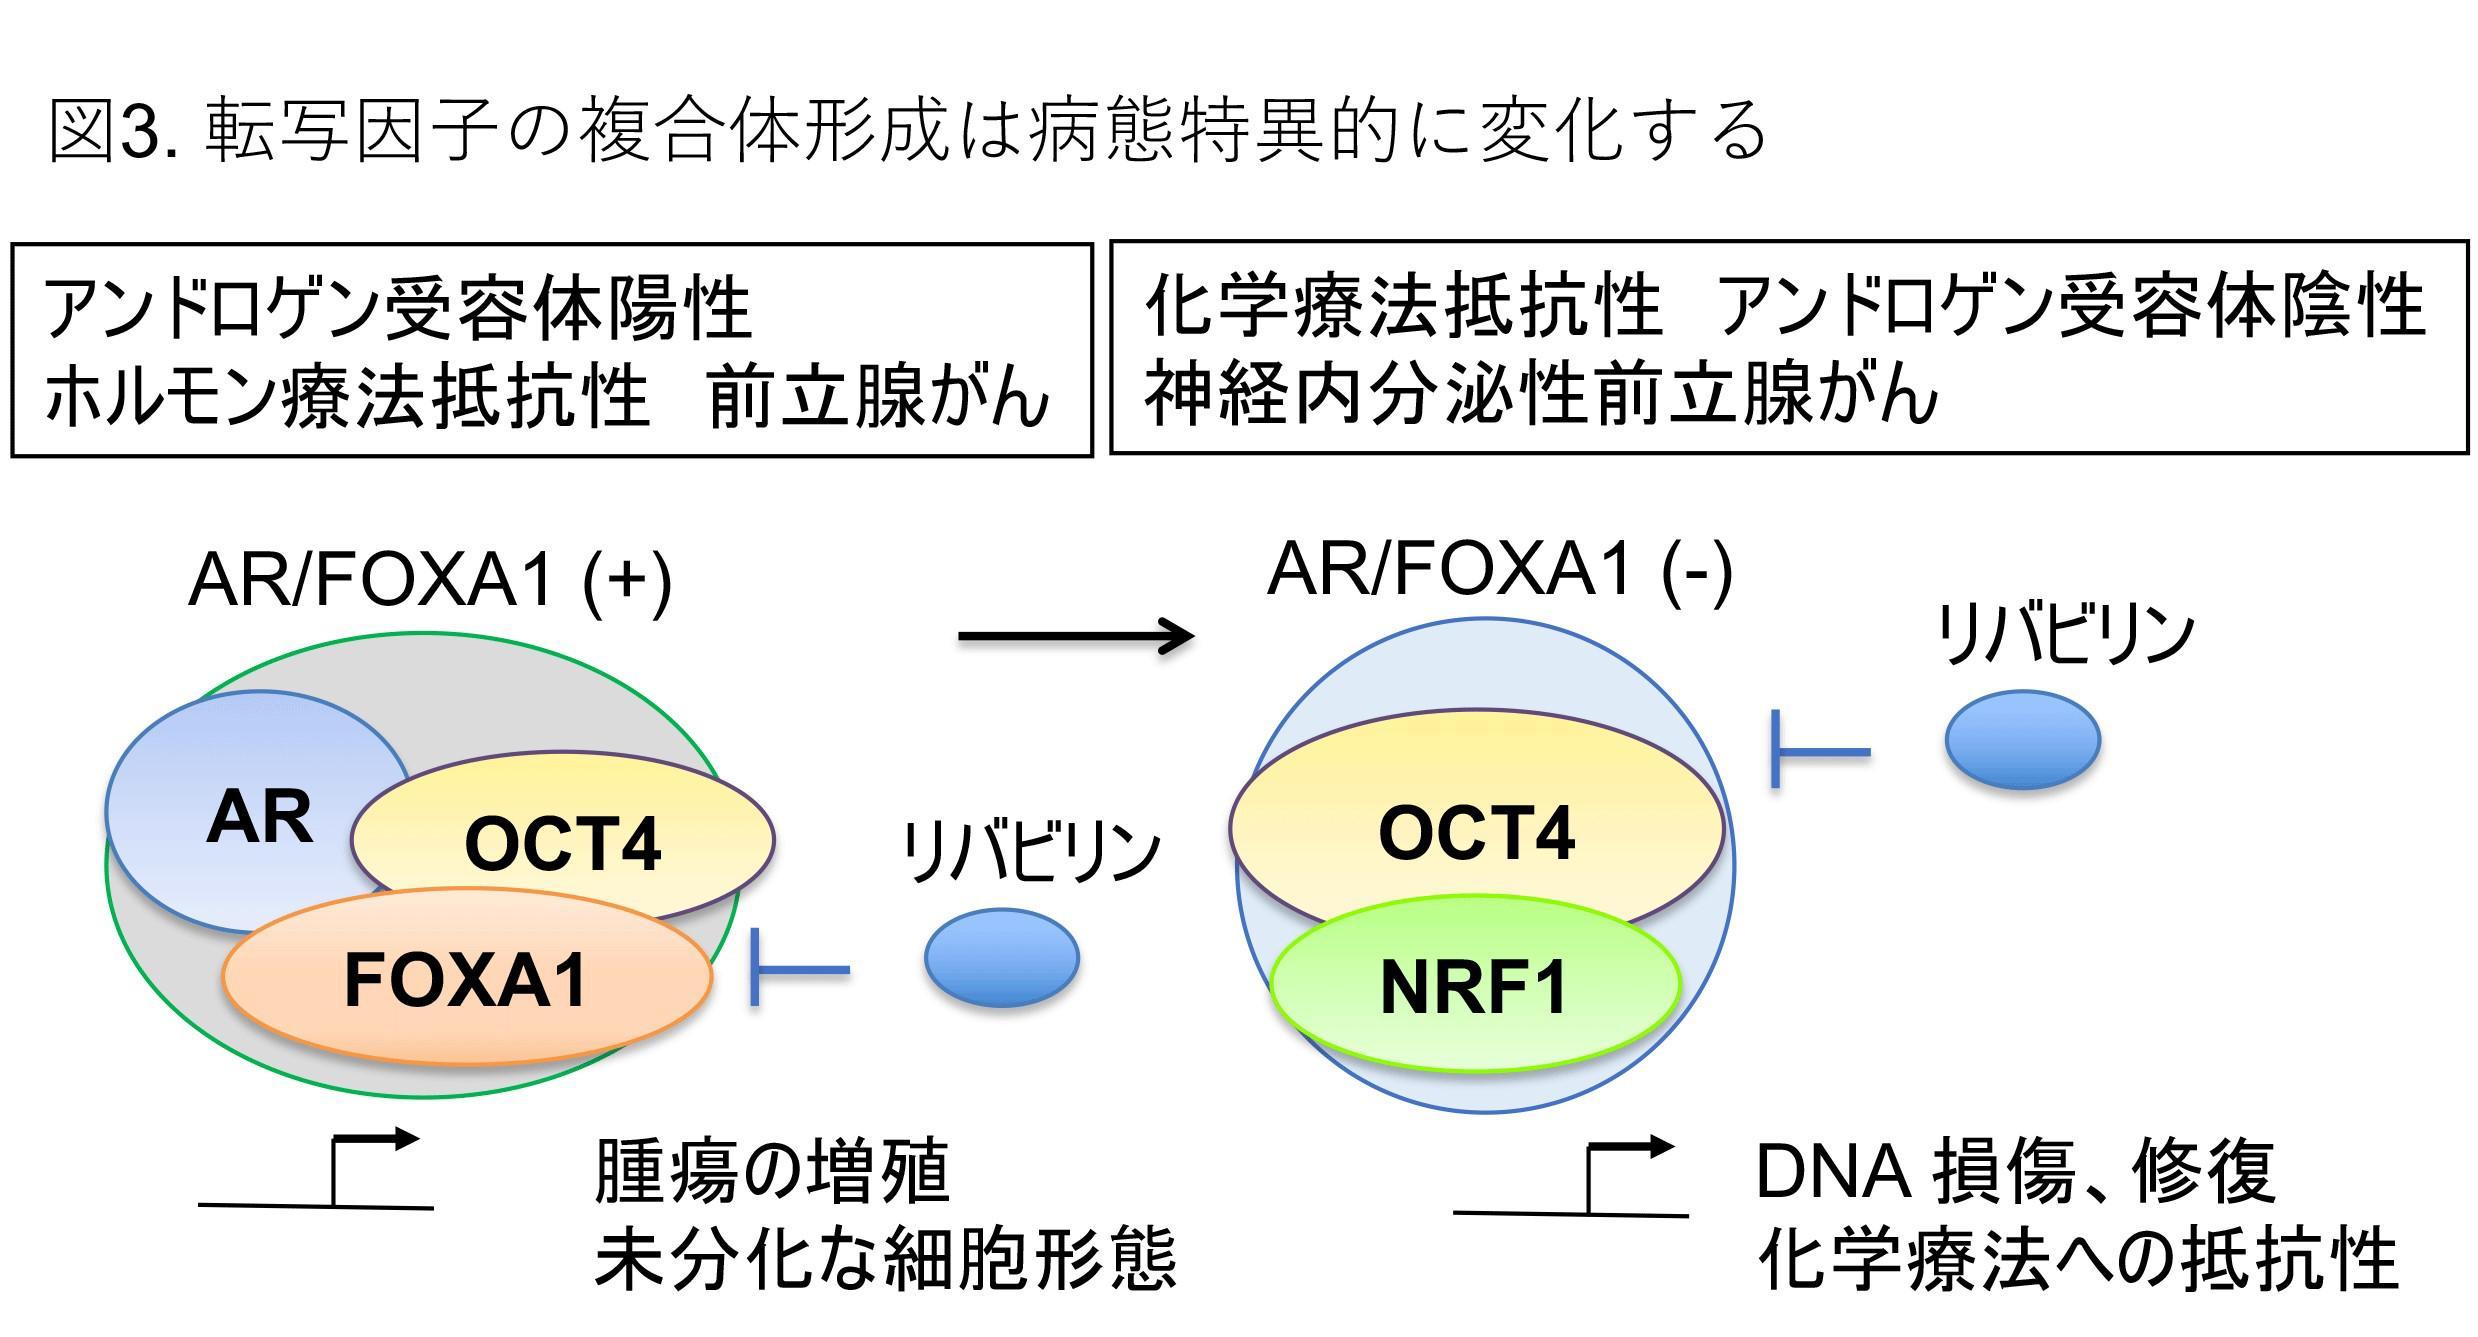 OCT4-press-3.jpg